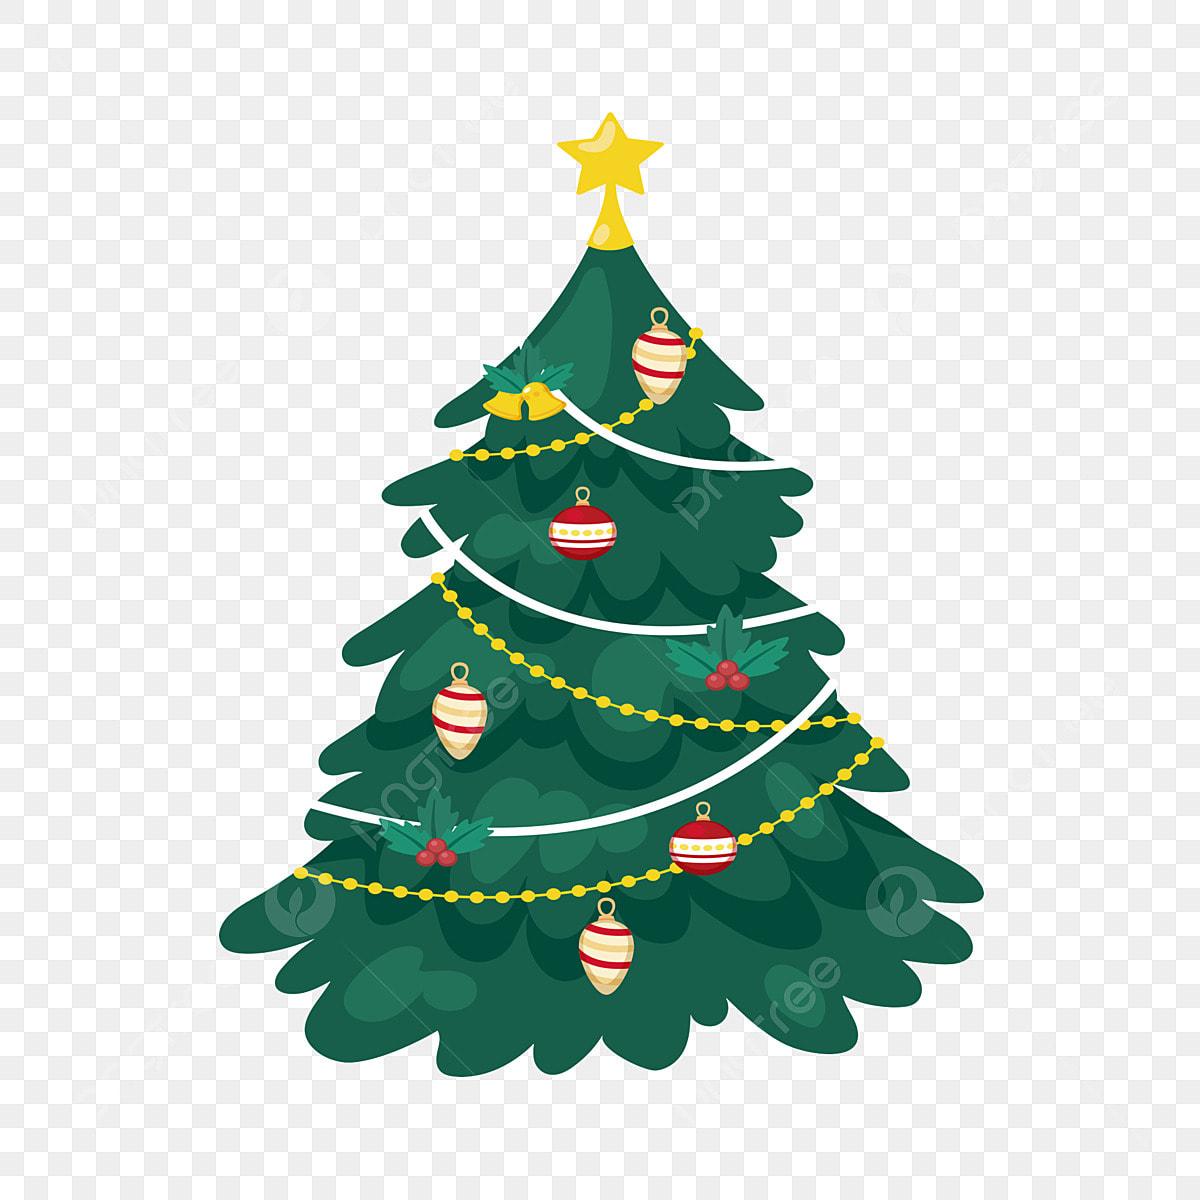 Dessin Dessiné à La Main De Sapin Noël Arbre De Noel Vert